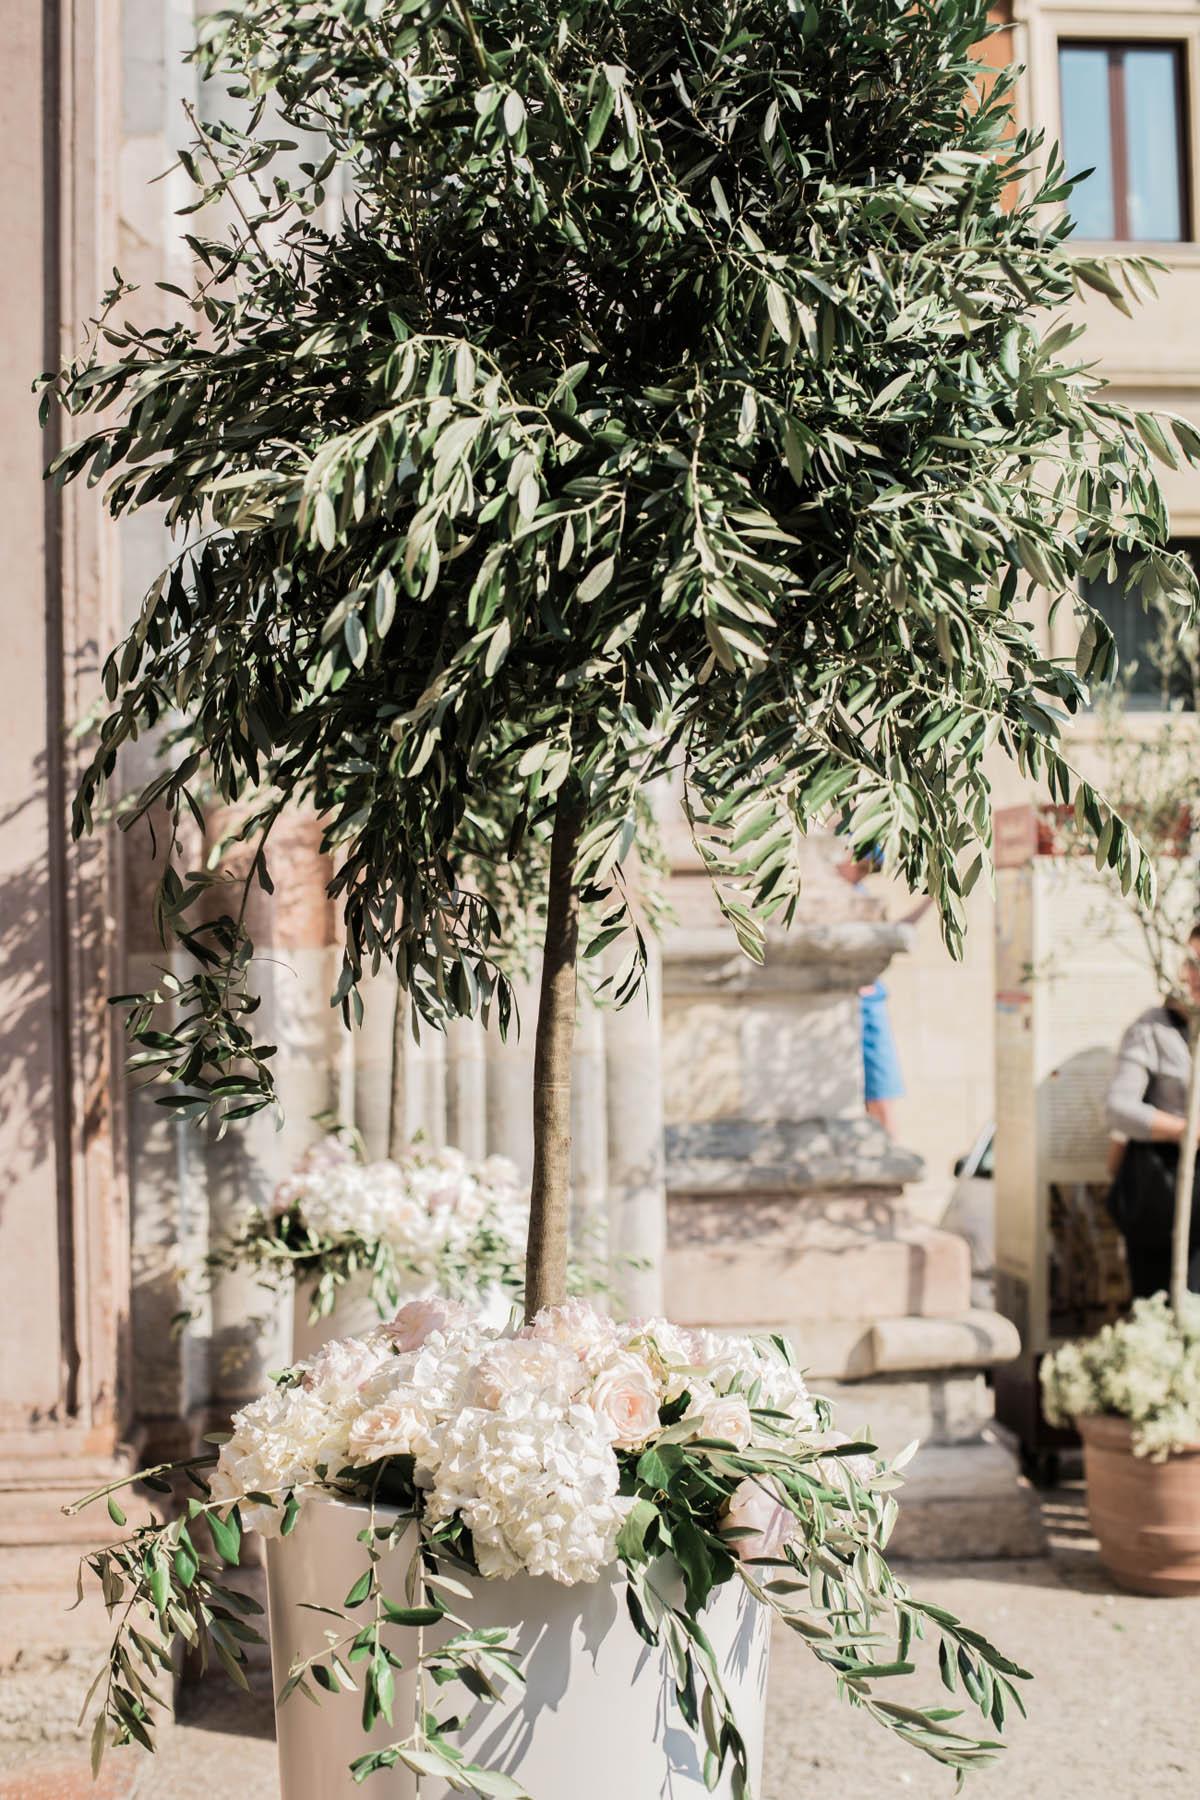 allestimento sagrato chiesa con piante di ulivo e fiori